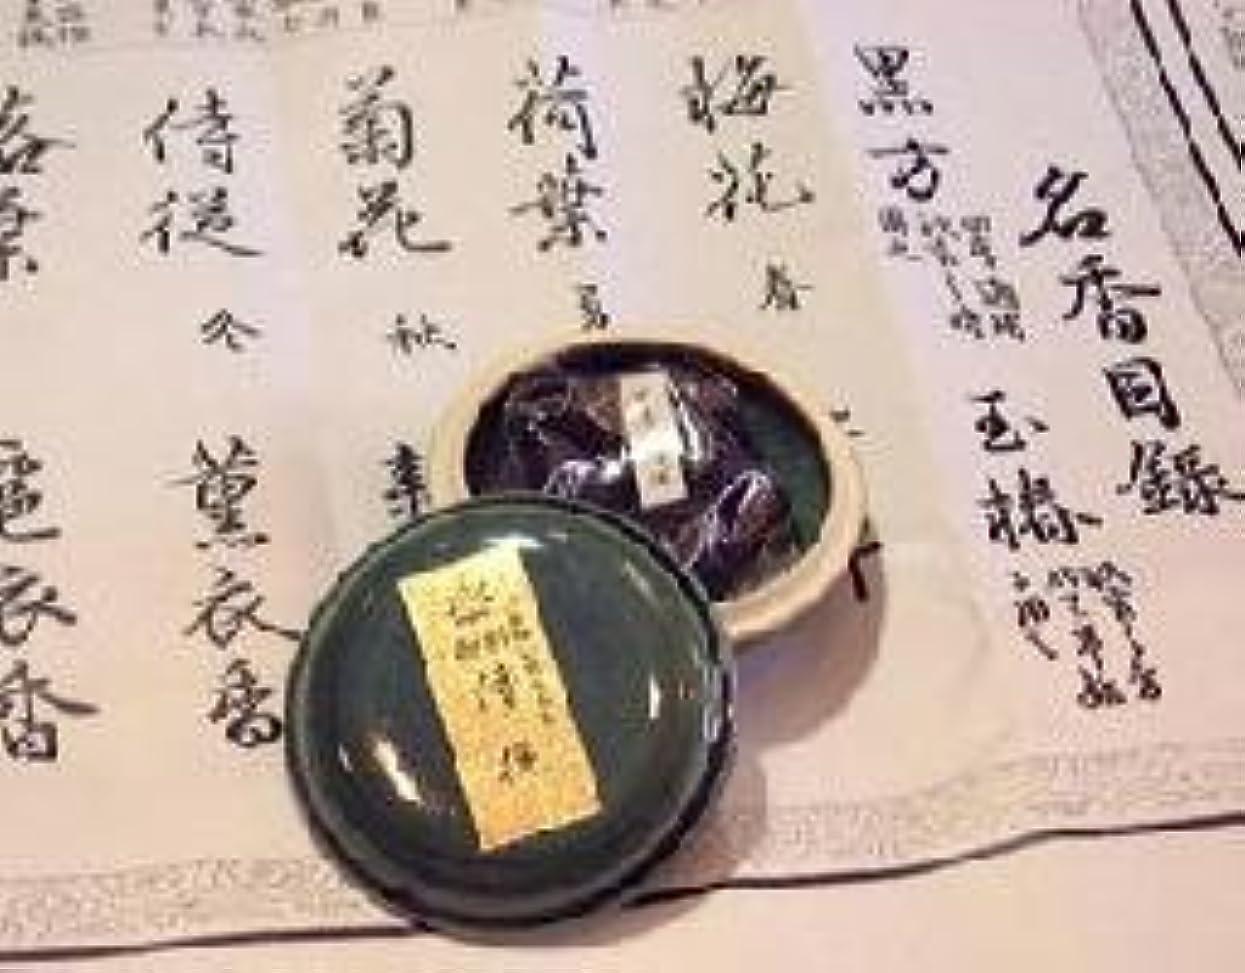 スリラーちなみに古代鳩居堂の煉香 御香 侍従 桐箱 たと紙 陶器香合11g入 #505